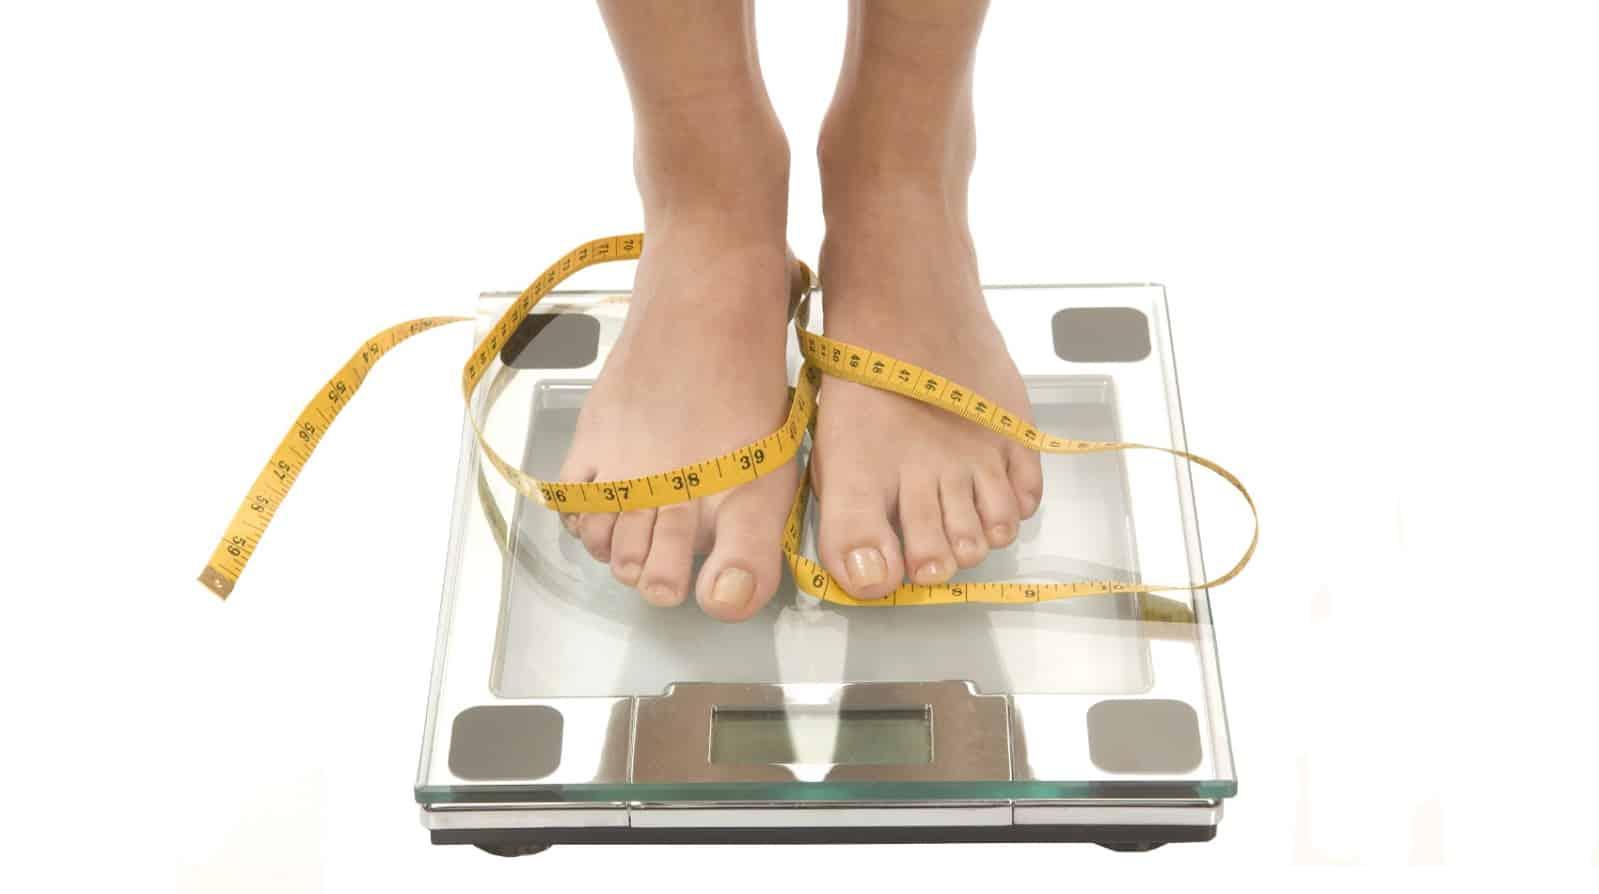 theo dõi cân nặng cho người bệnh phổi tắc nghẽn mạn tính copd